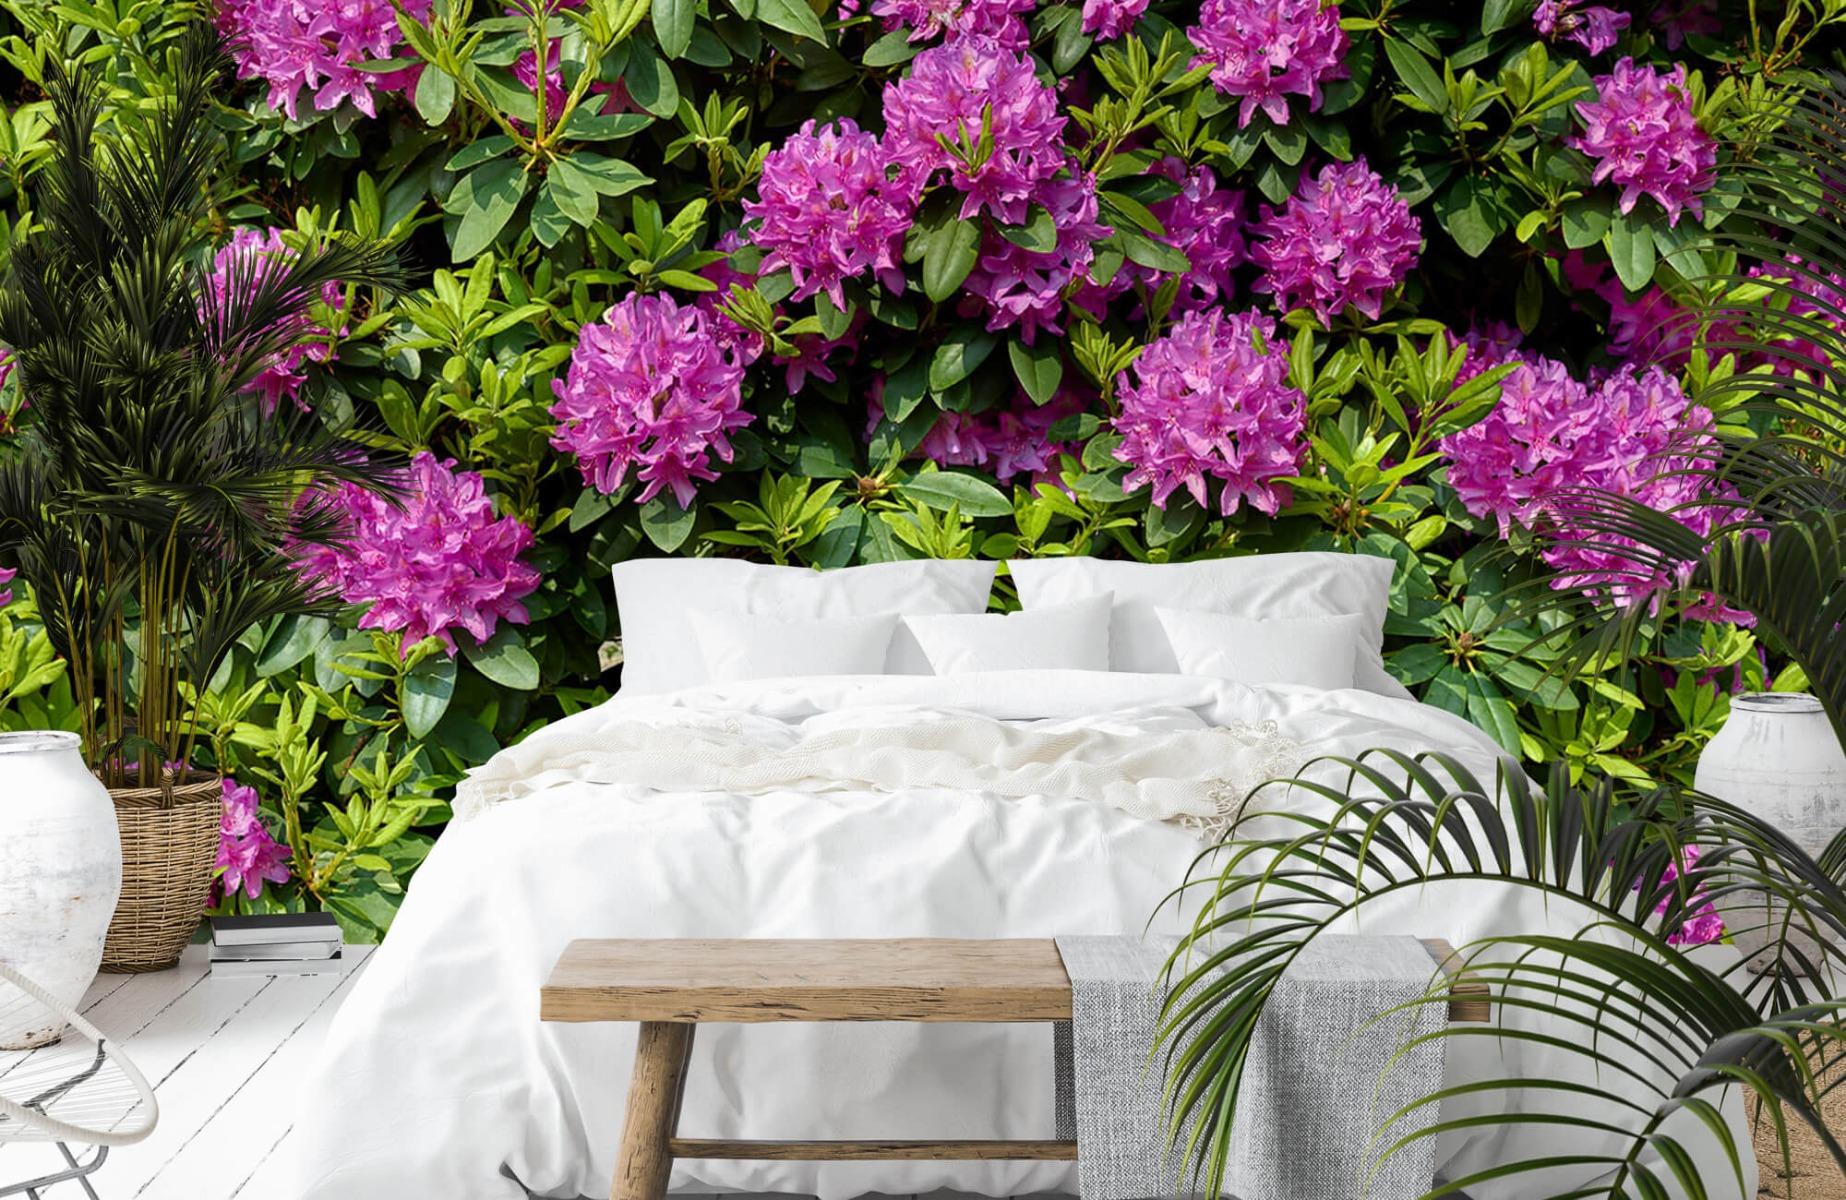 Bloemenvelden - Rododendrons - Wallexclusive - Slaapkamer 14